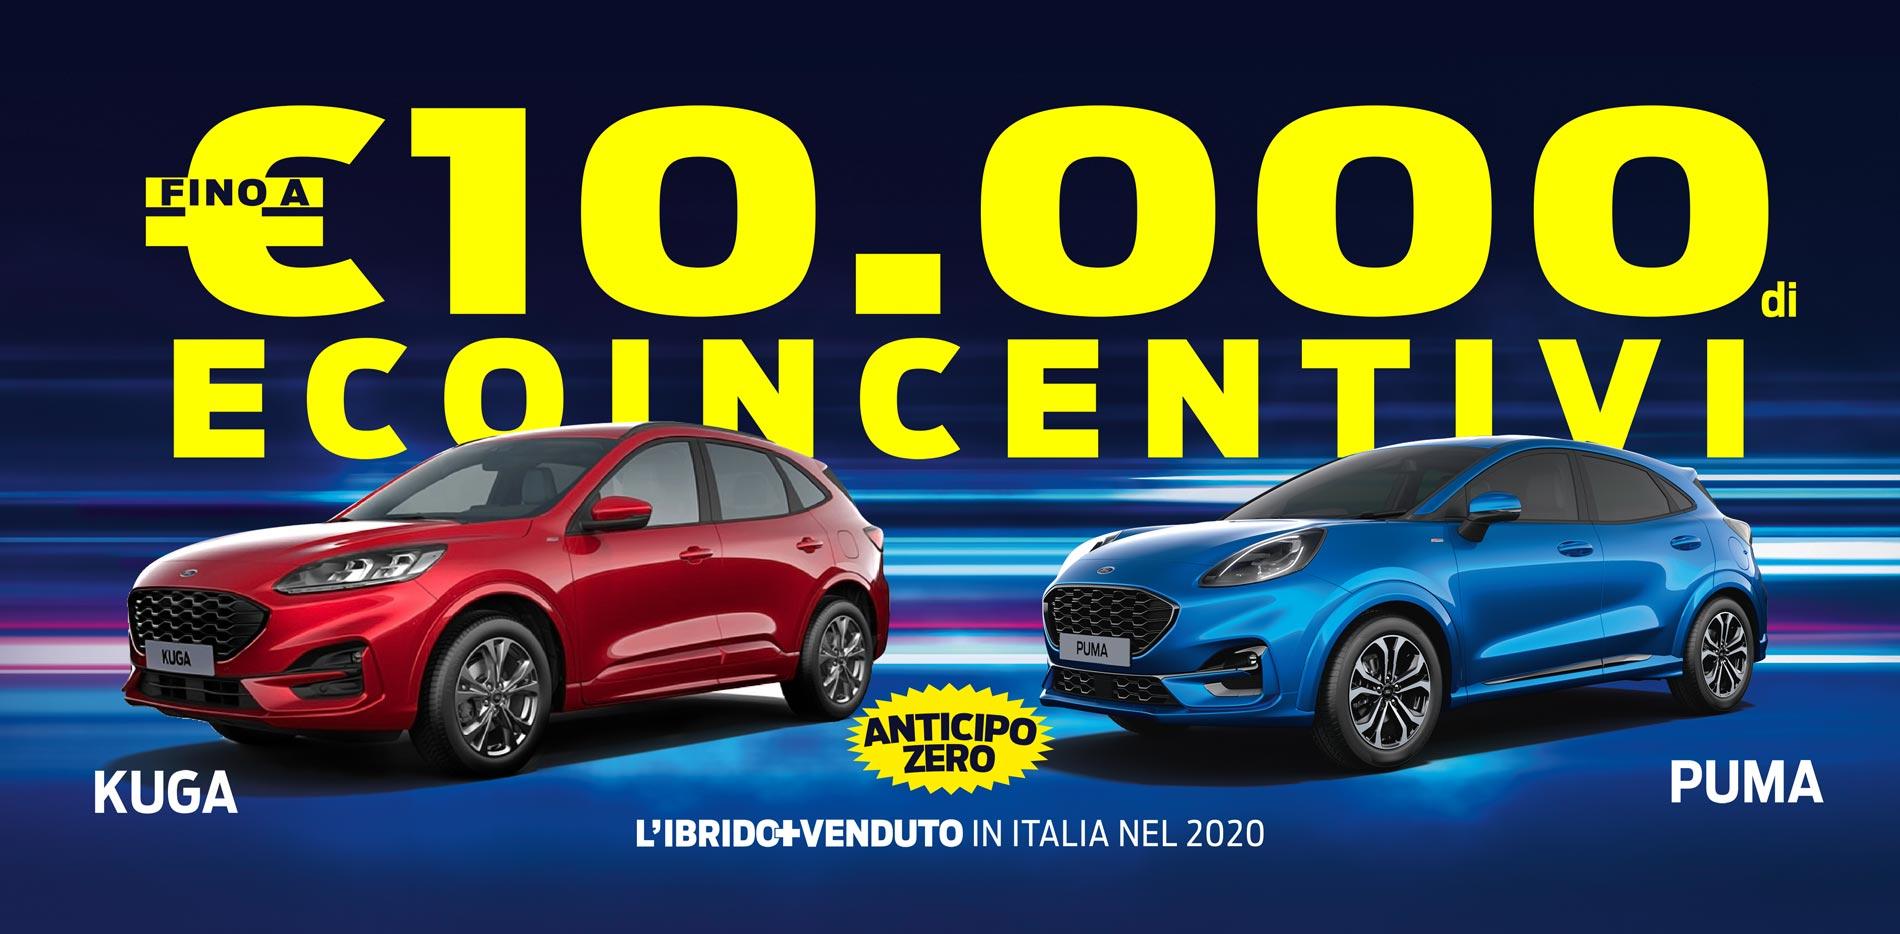 FINO A 10000 € DI ECOINCENTIVI FORD E INCENTIVI STATALI